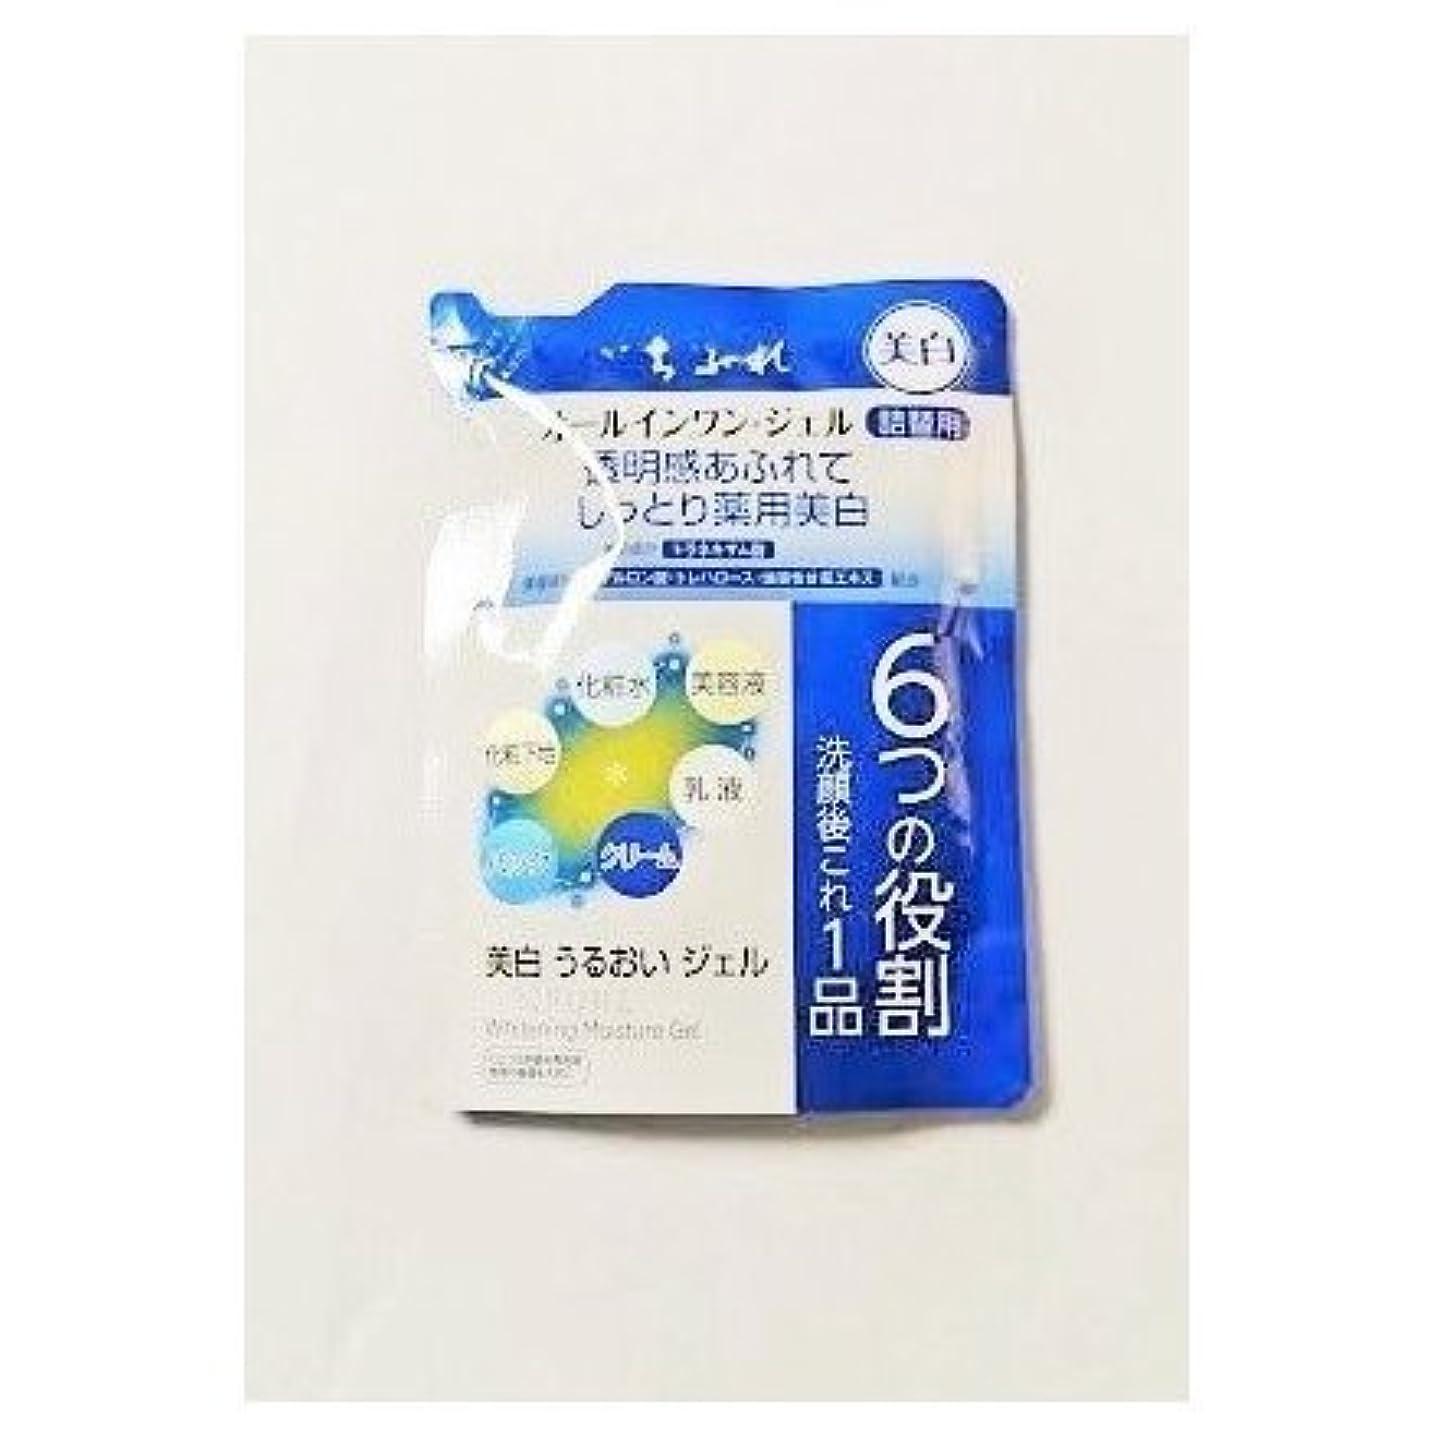 浸食クラッシュ酸化物ちふれ化粧品 美白うるおいジェル 詰替 108g